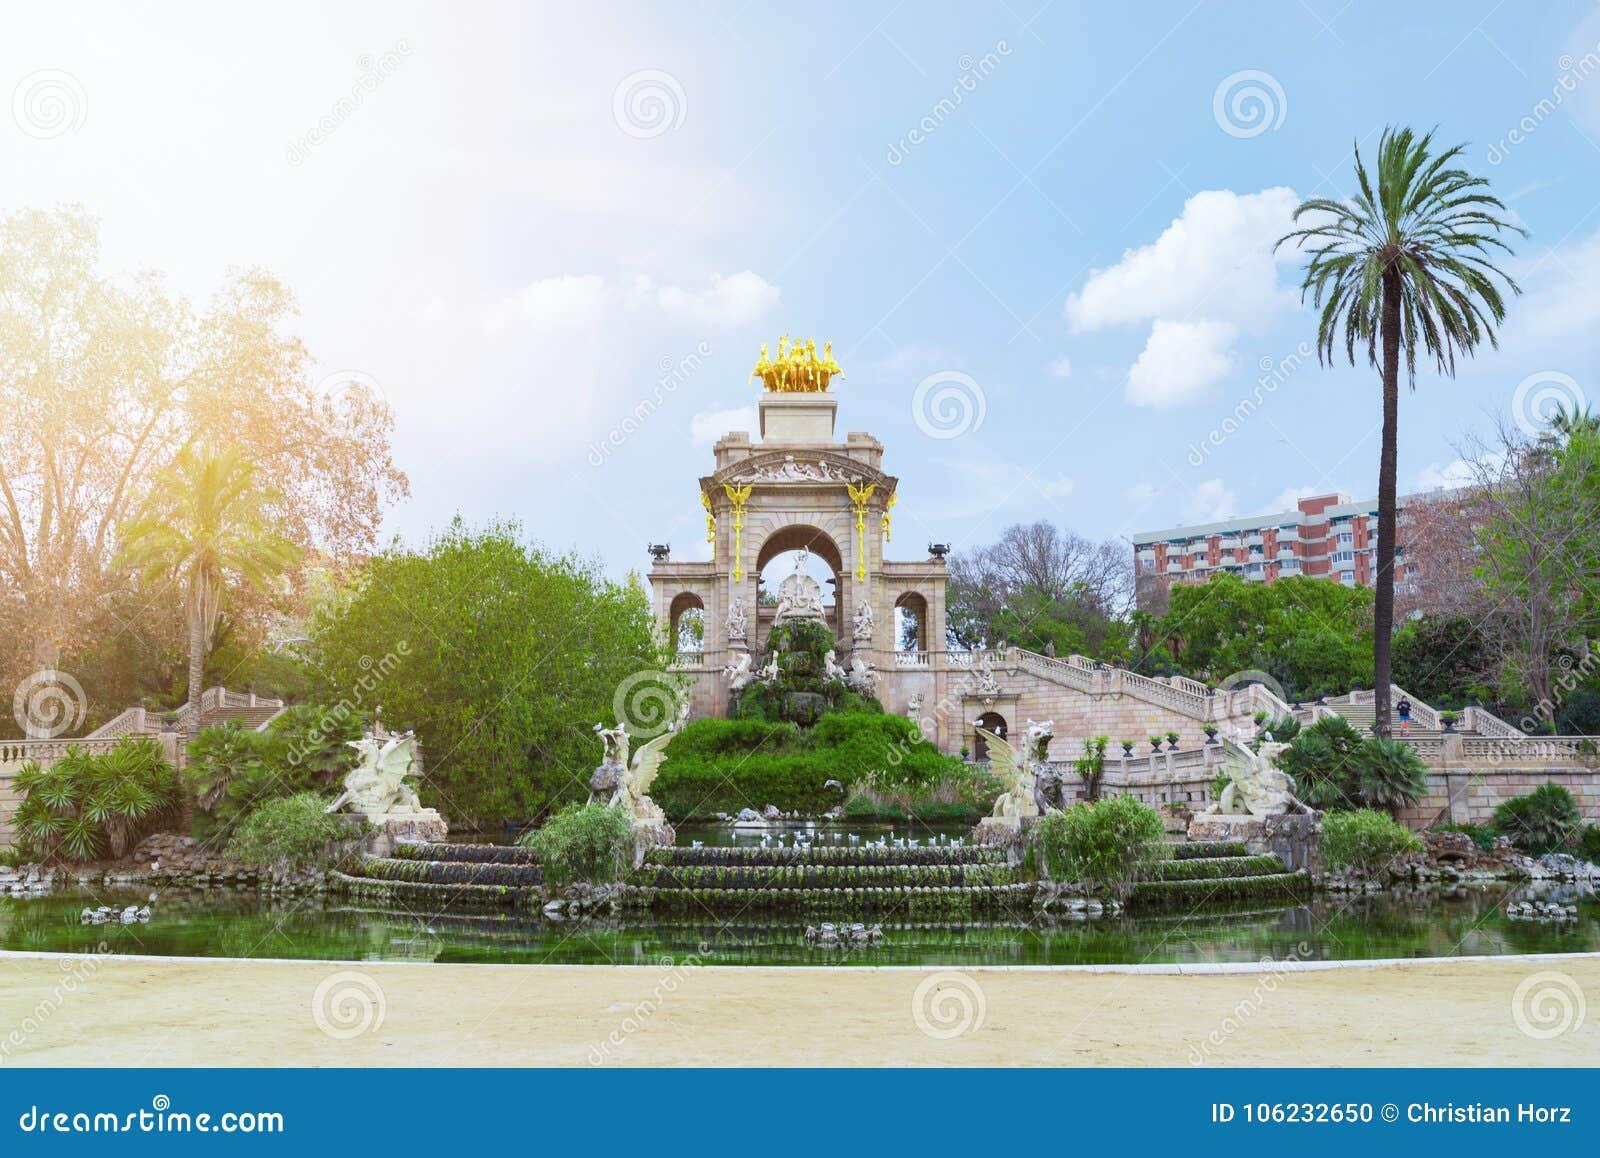 Teich und Brunnen in Parc de la Ciutadella, Barcelona